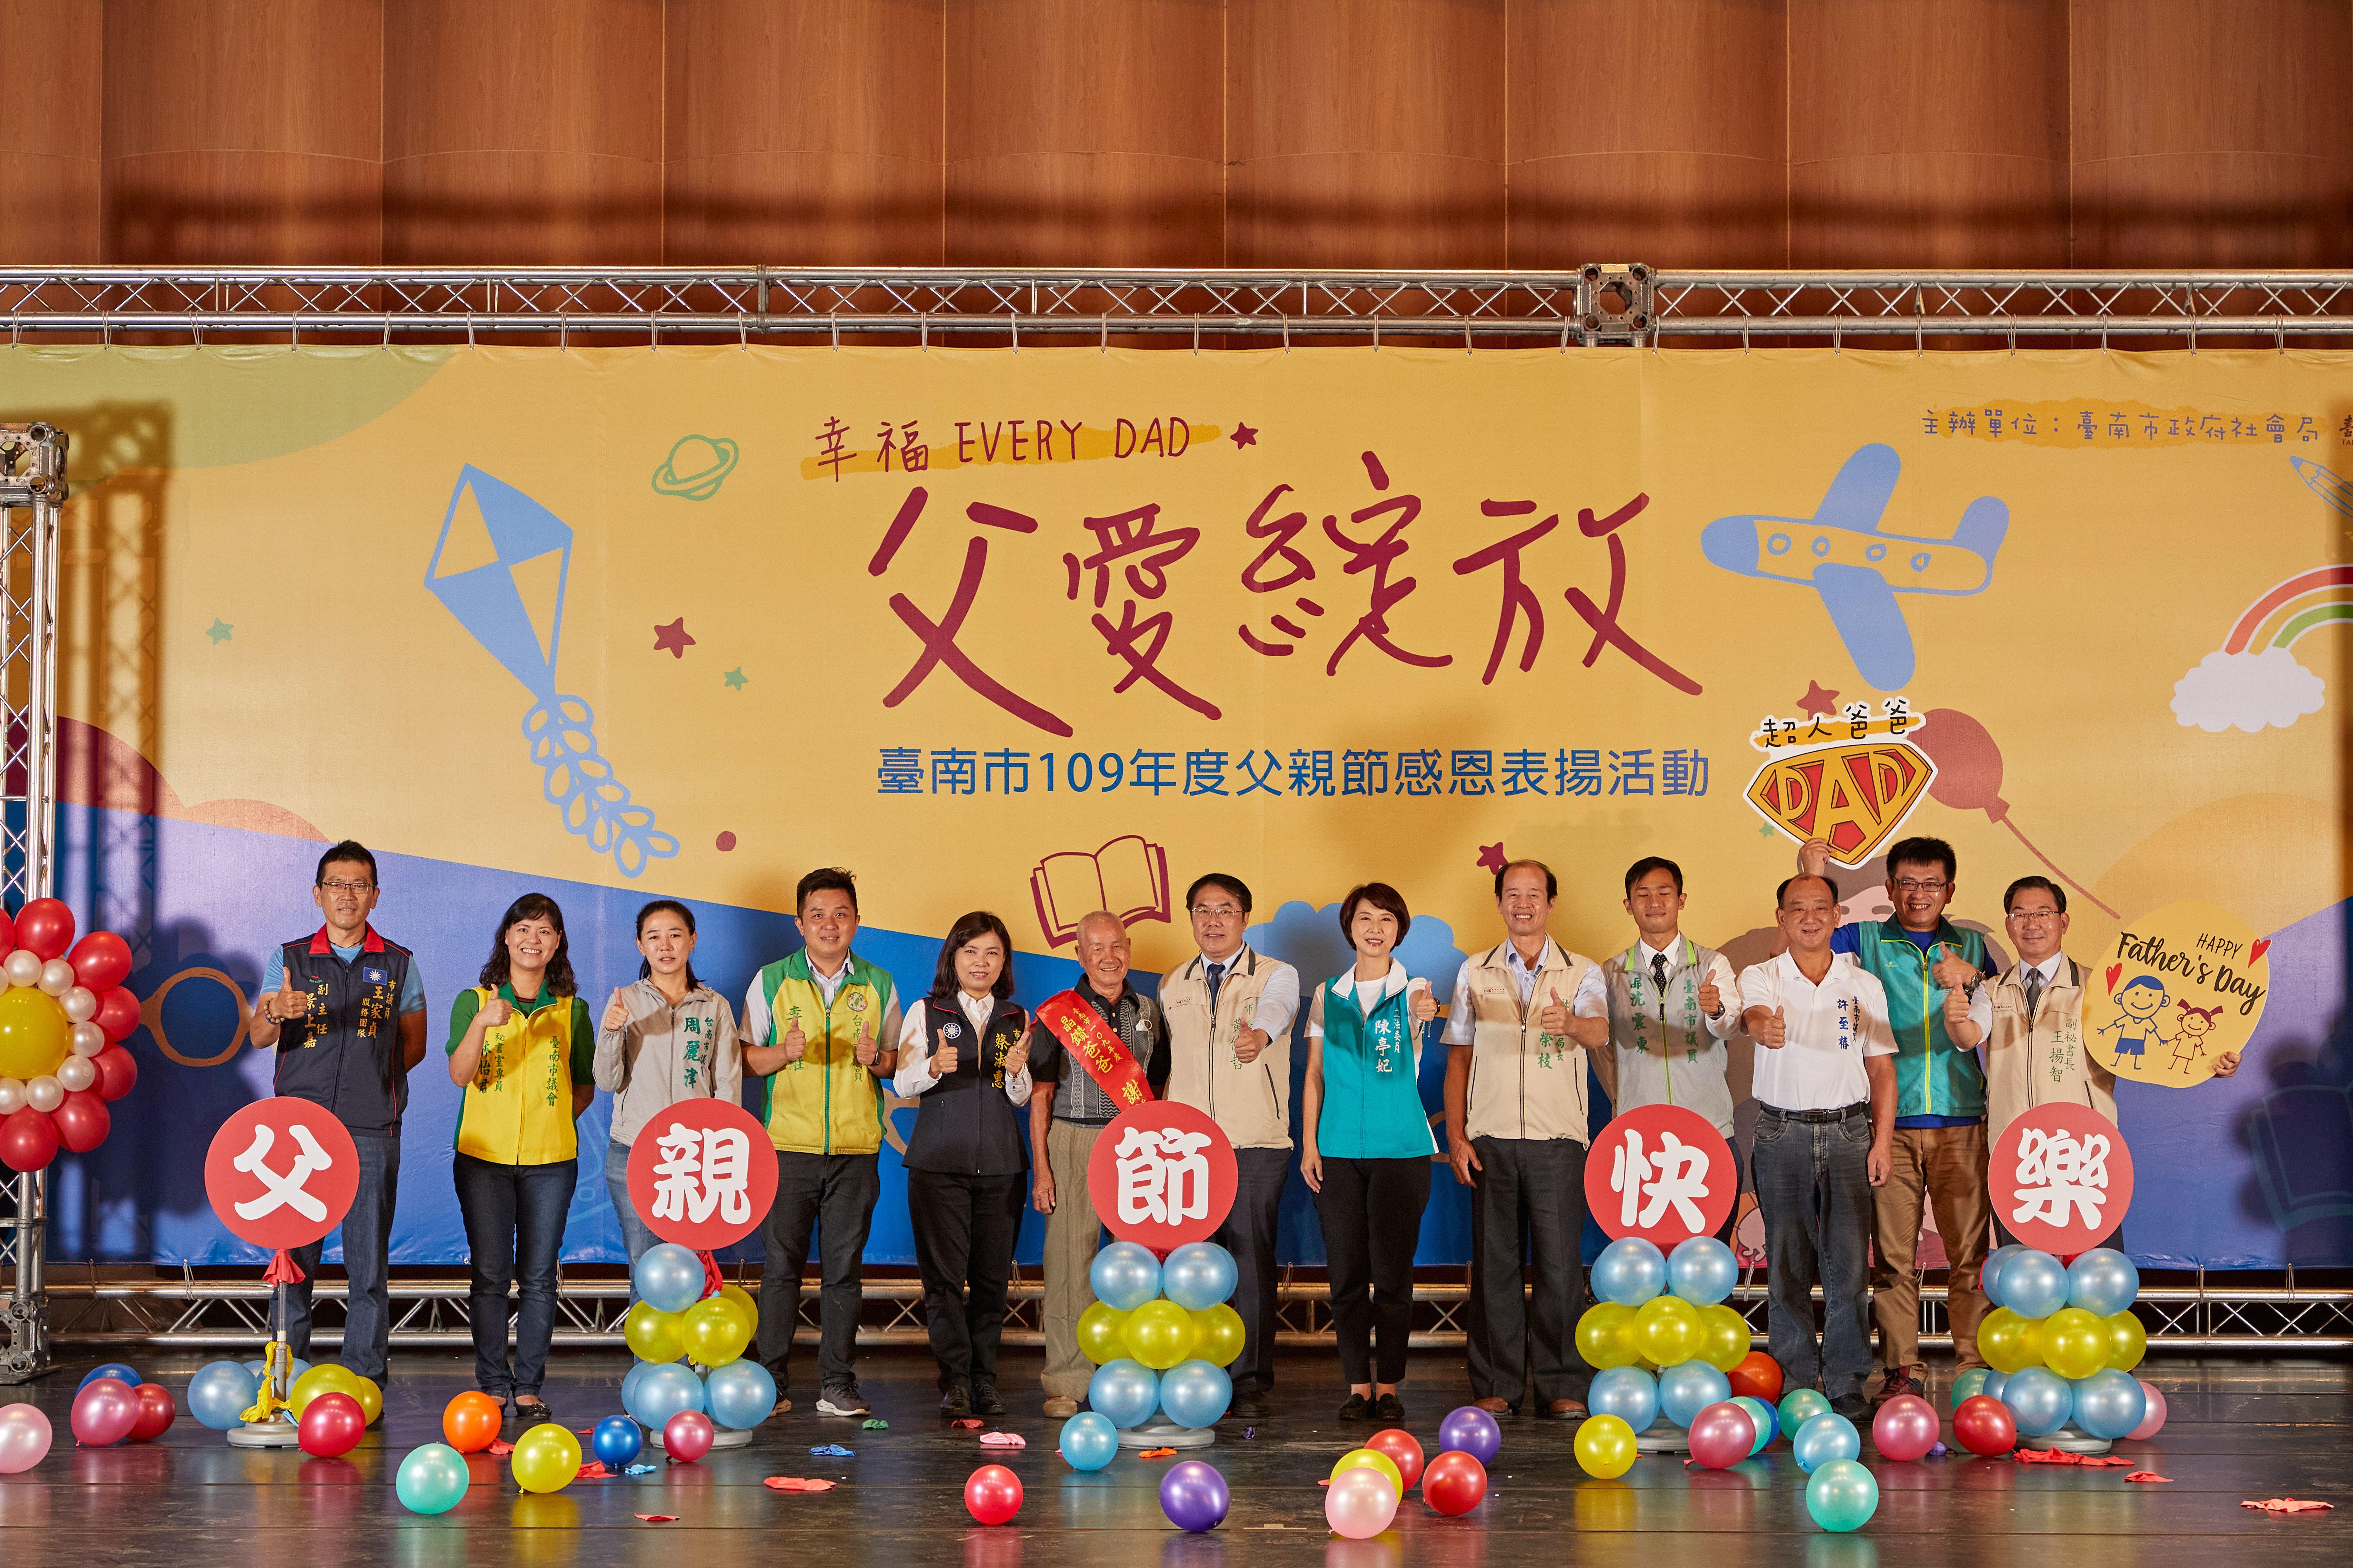 110年臺南市父親節感恩表揚活動 50位父親代表8月7日接受黃偉哲市長表揚